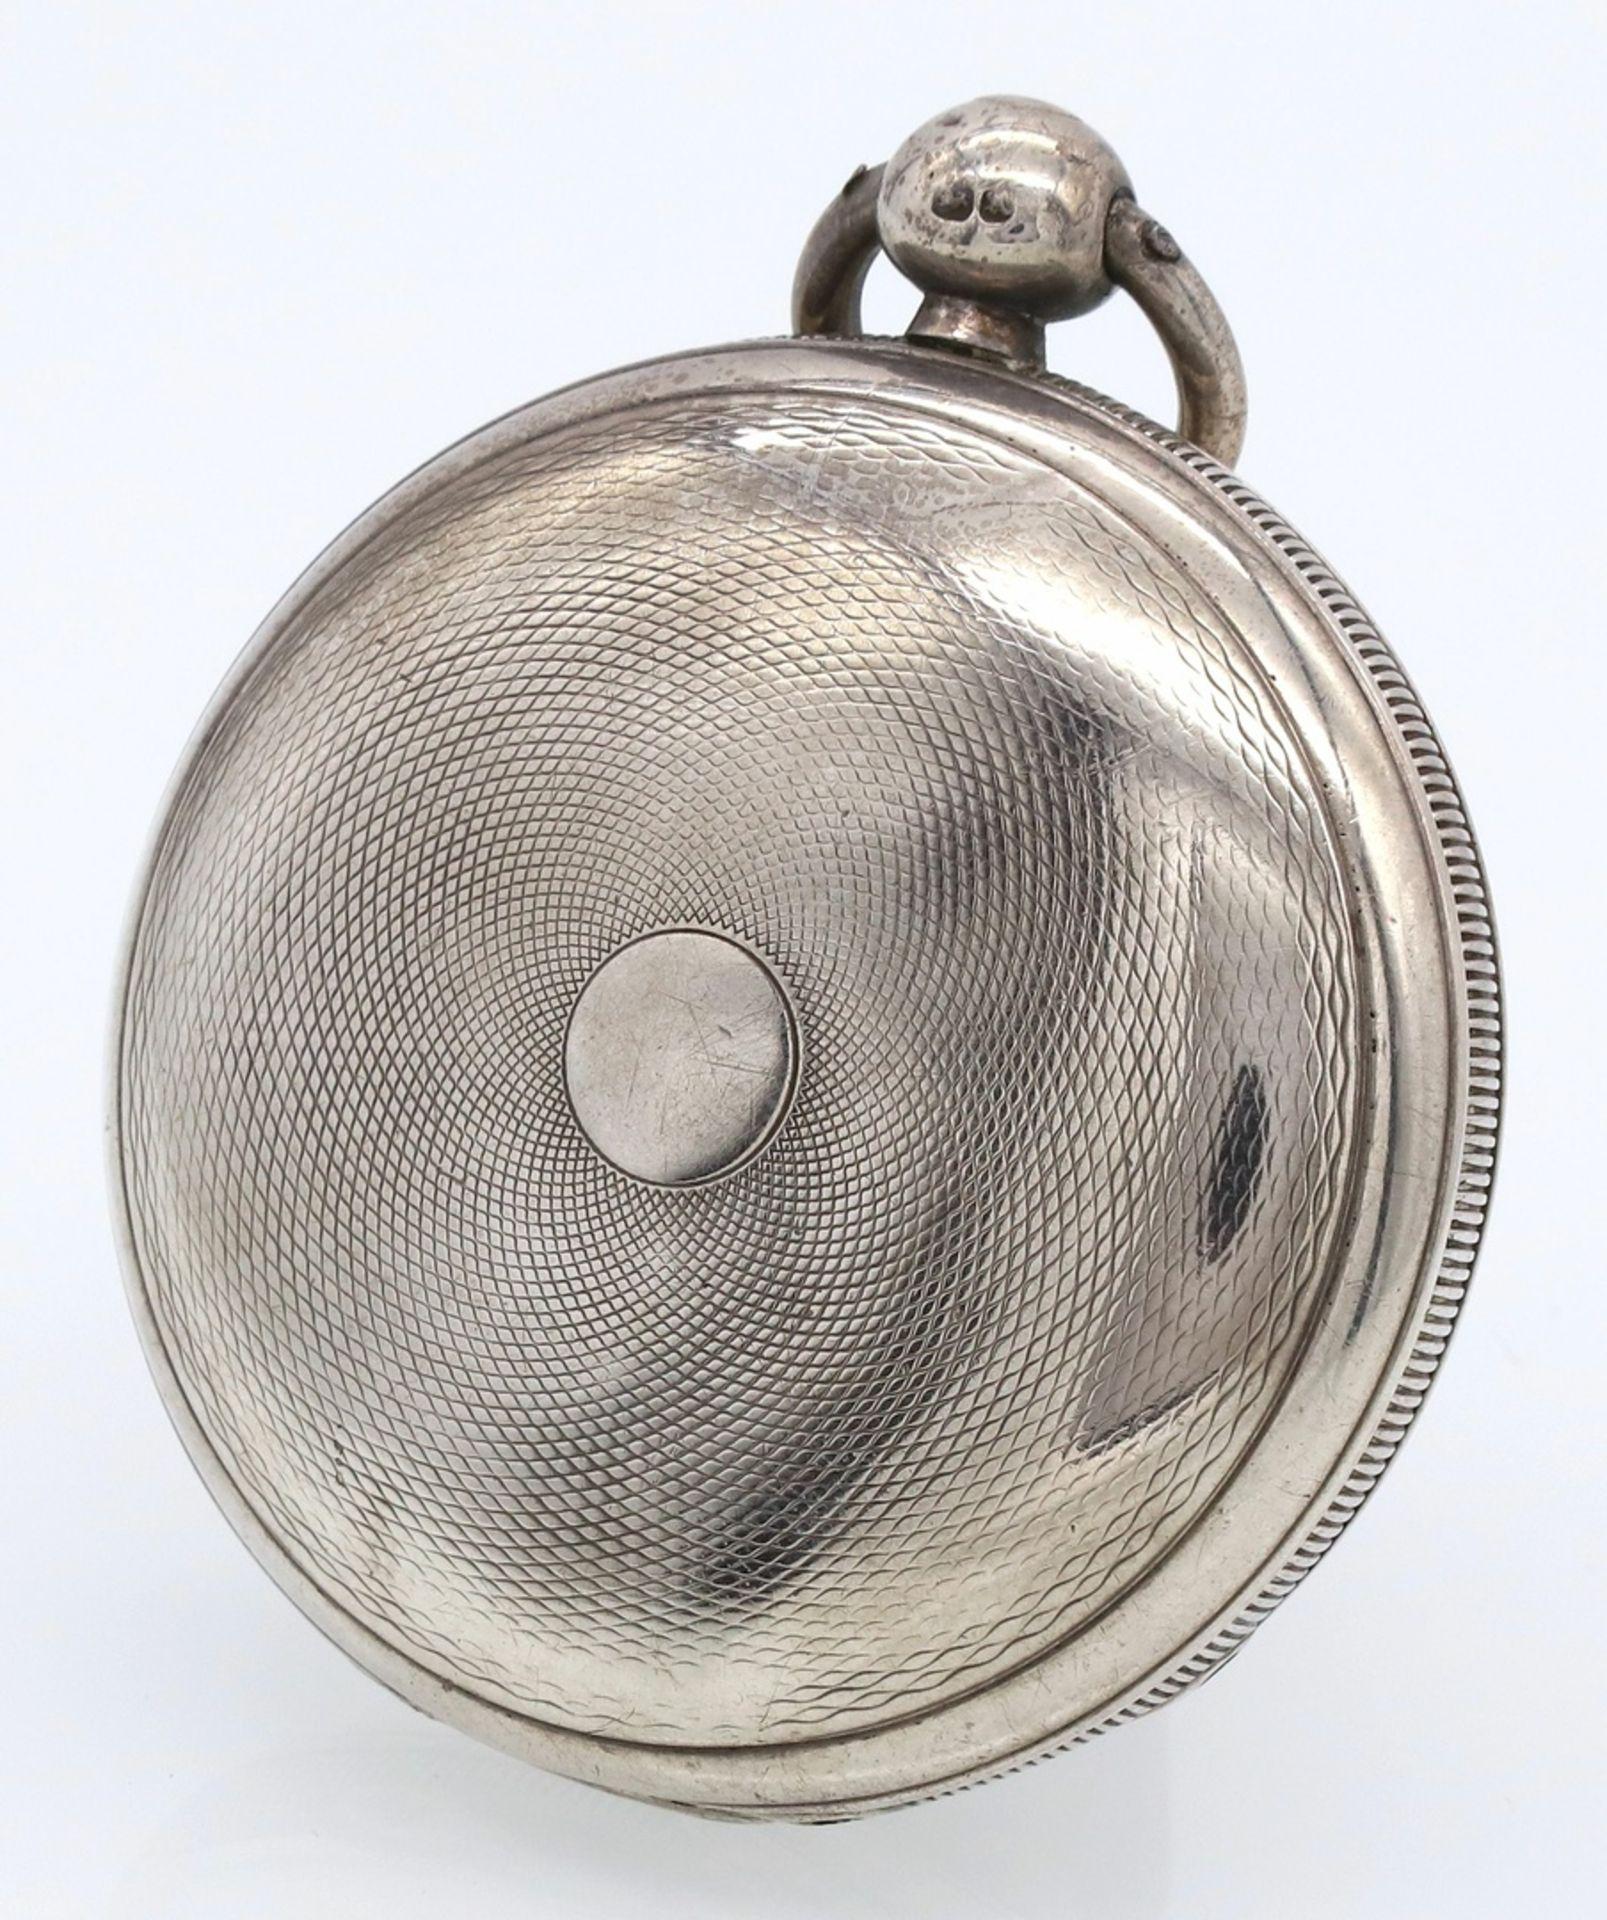 Bennet Wing London Spindeltaschenuhr mit Sprungdeckel, 1837 - Bild 3 aus 6